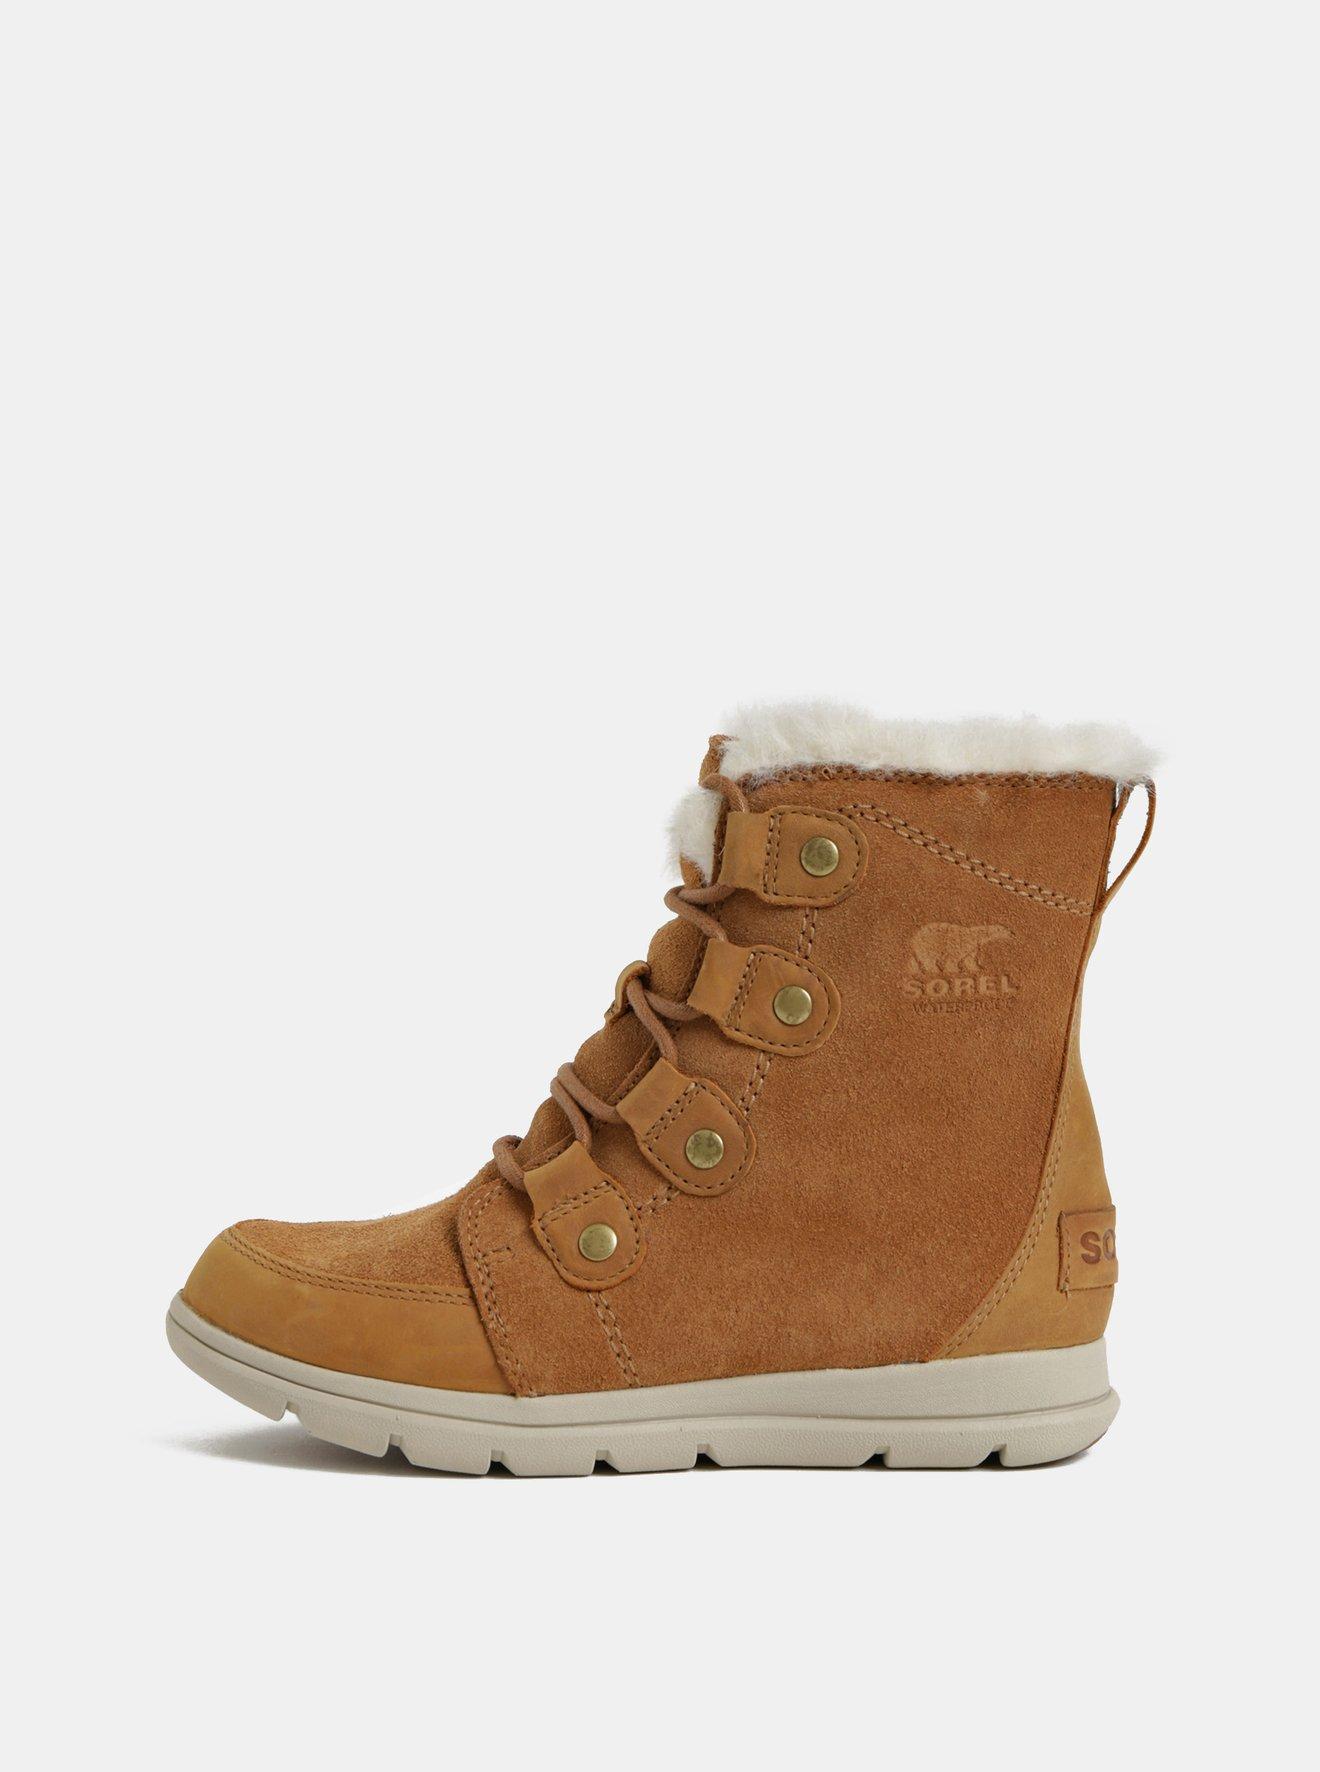 Hnědé dámské zimní voděodolné semišové kotníkové boty SOREL Explorer Joan